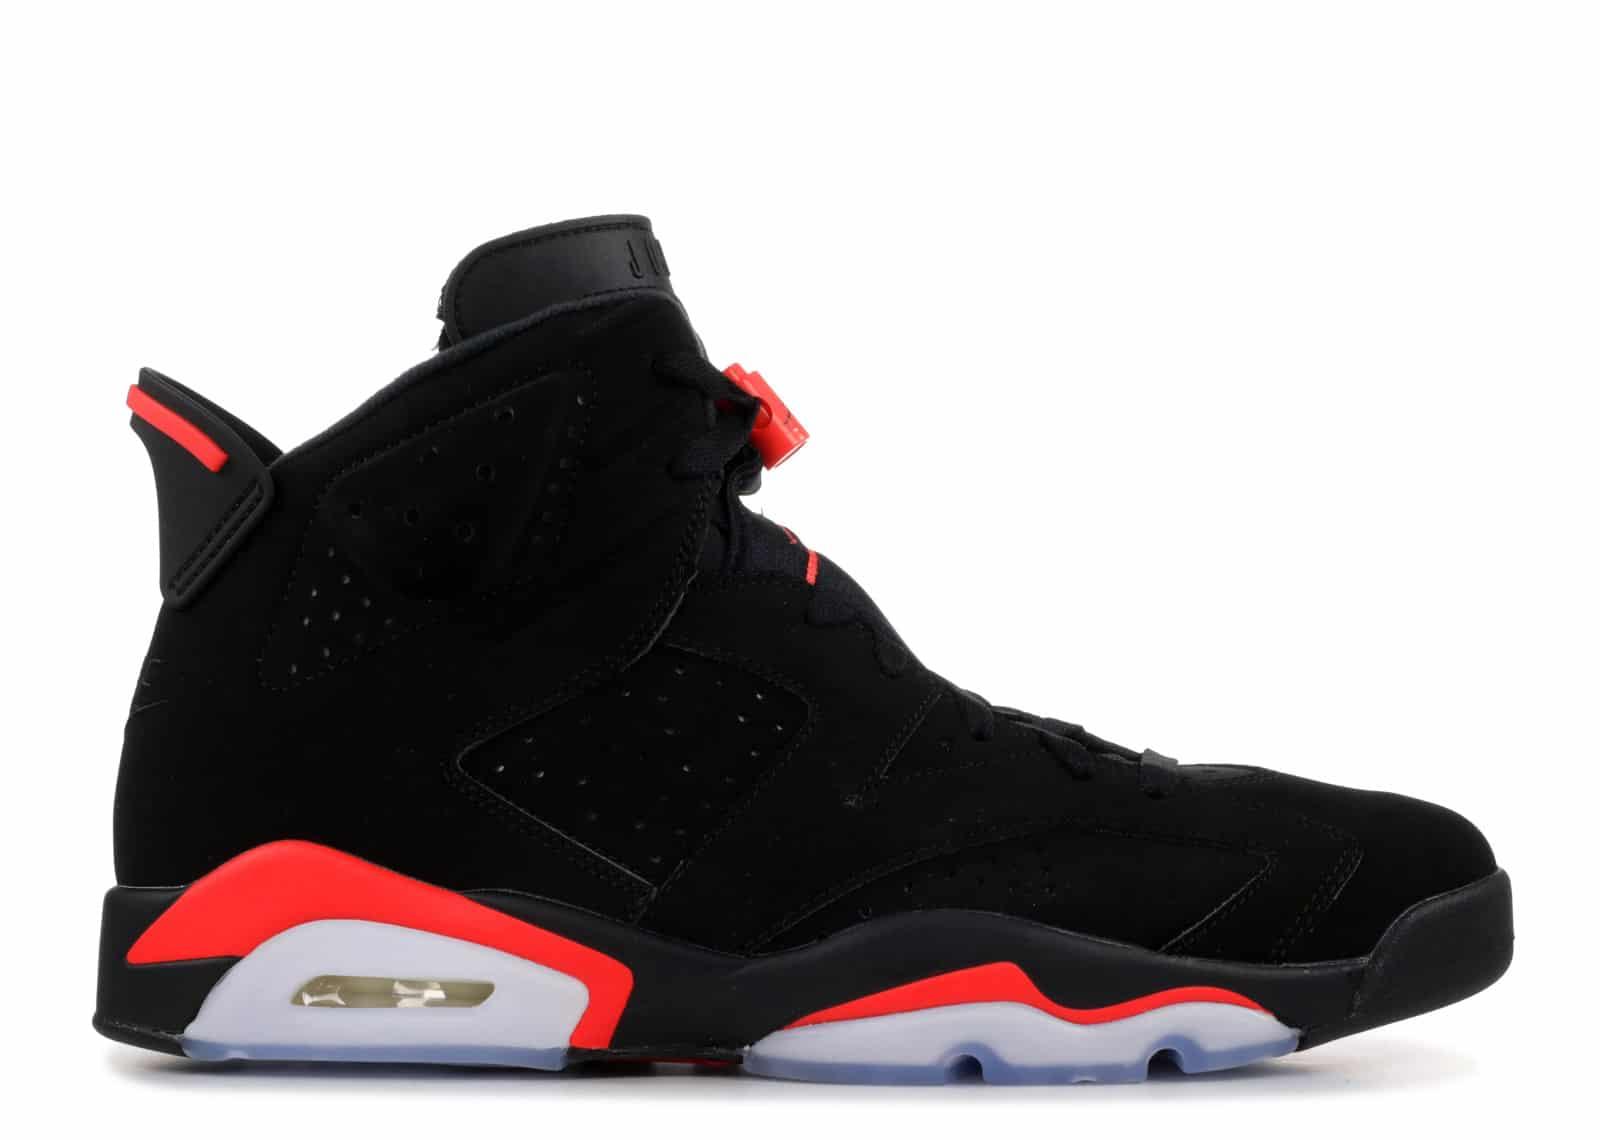 Air Jordan 6 GS Infrared 384665-023 Restock Release Date - SBD